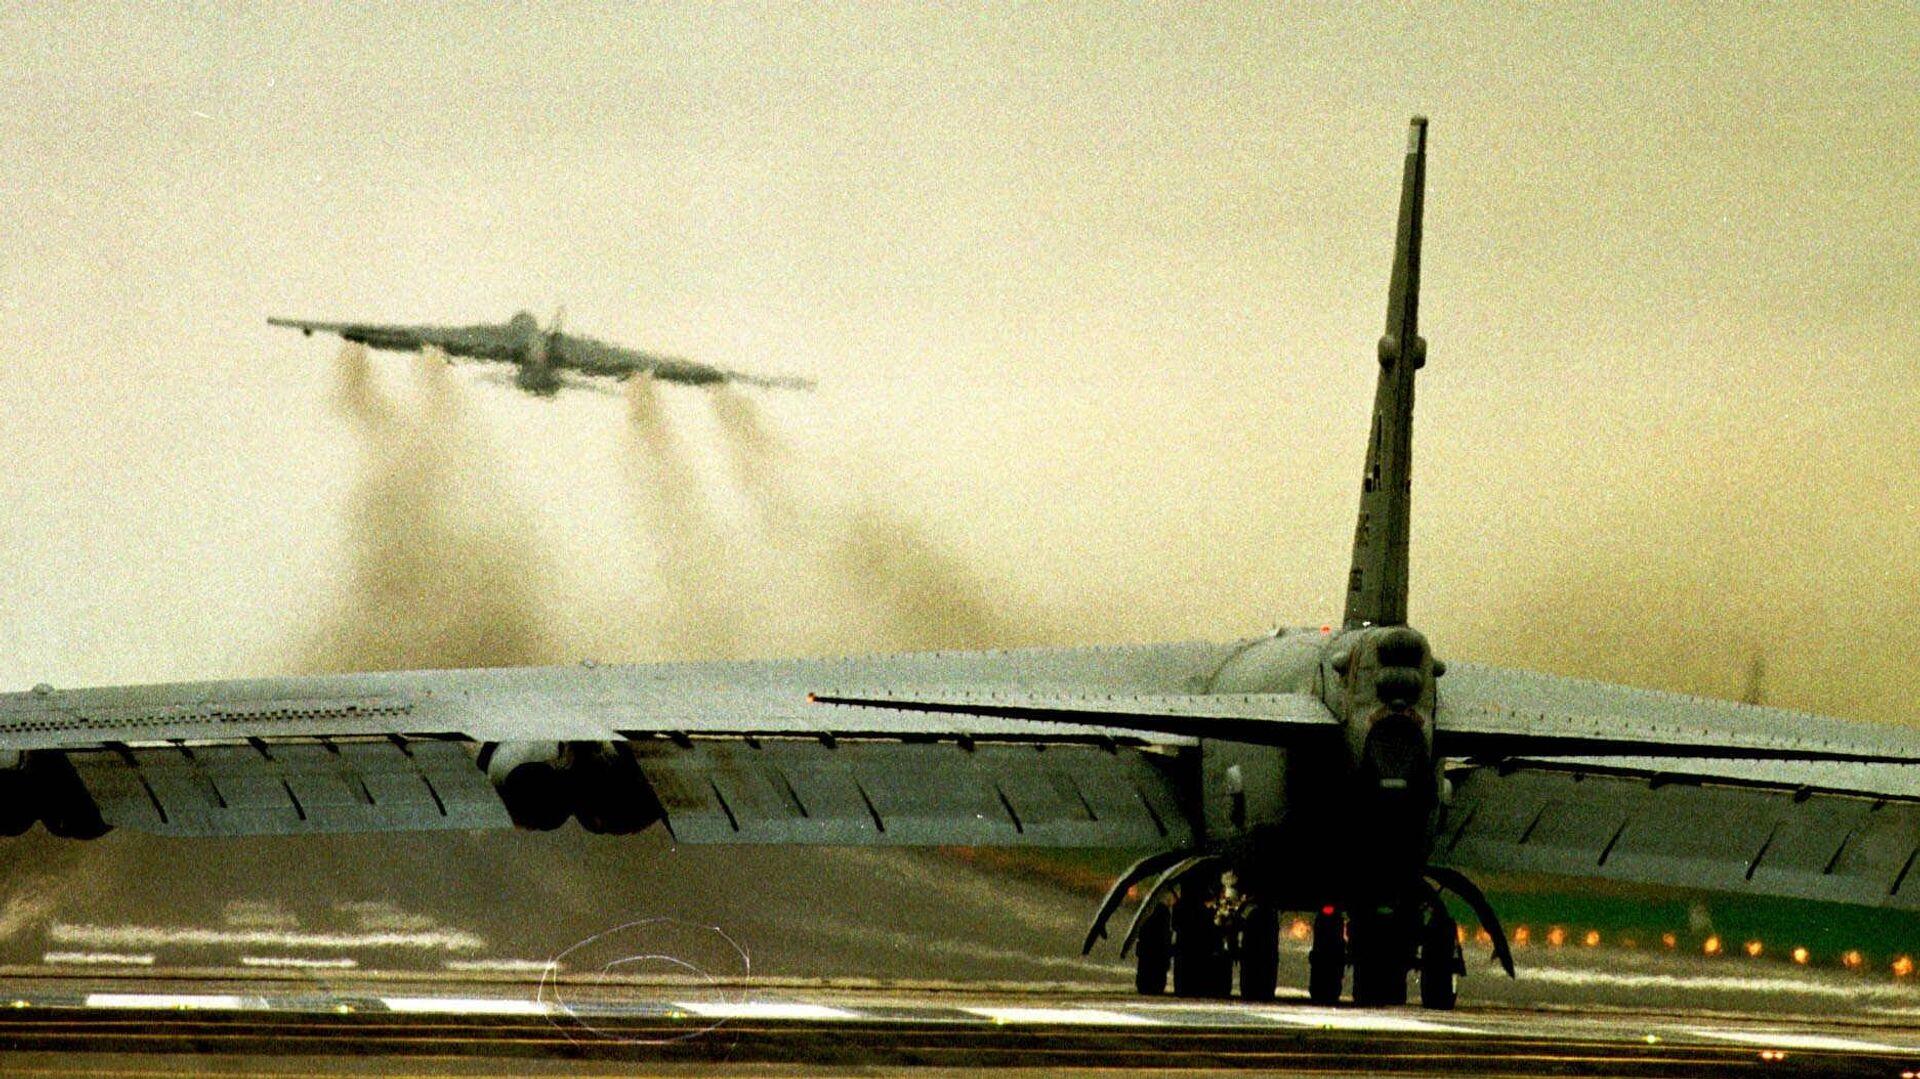 Бомбардировщик ВВС США В52 на авиабазе в Фэрфорде. 29 марта 1999 - РИА Новости, 1920, 24.03.2019